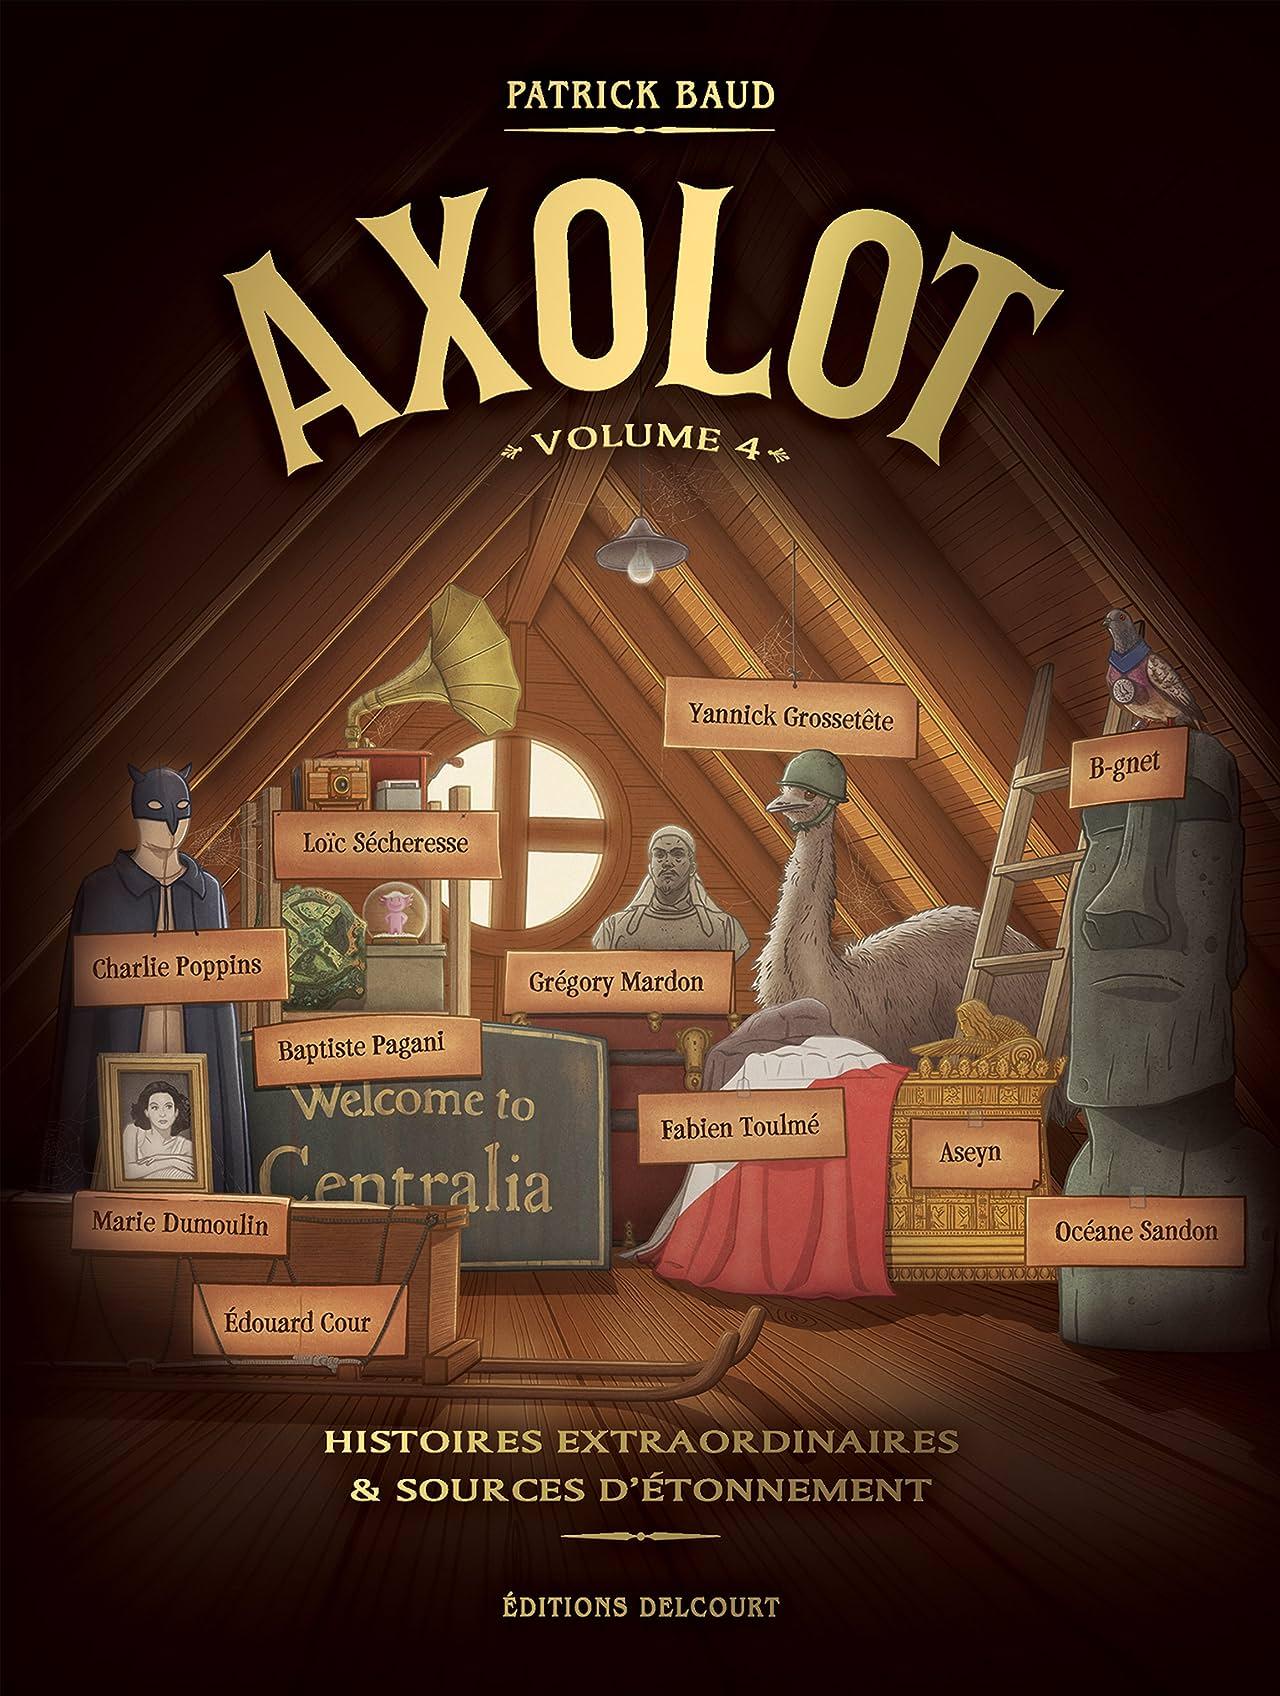 Axolot Vol. 4